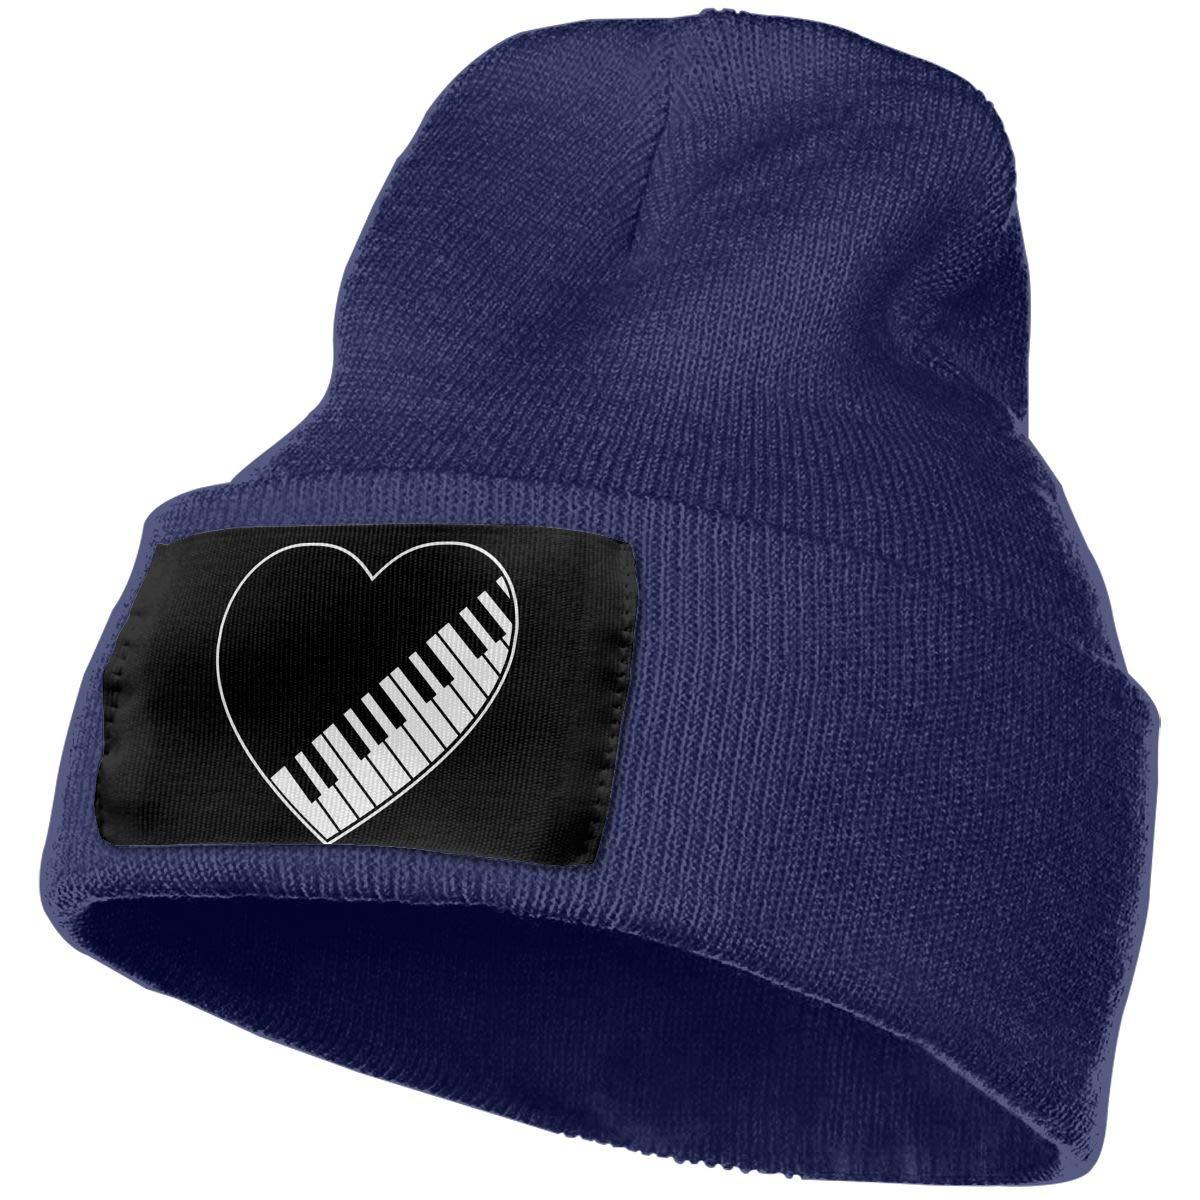 Piano Keys Heart Men /& Women Knitting Hats Stretchy /& Soft Skull Cap Beanie